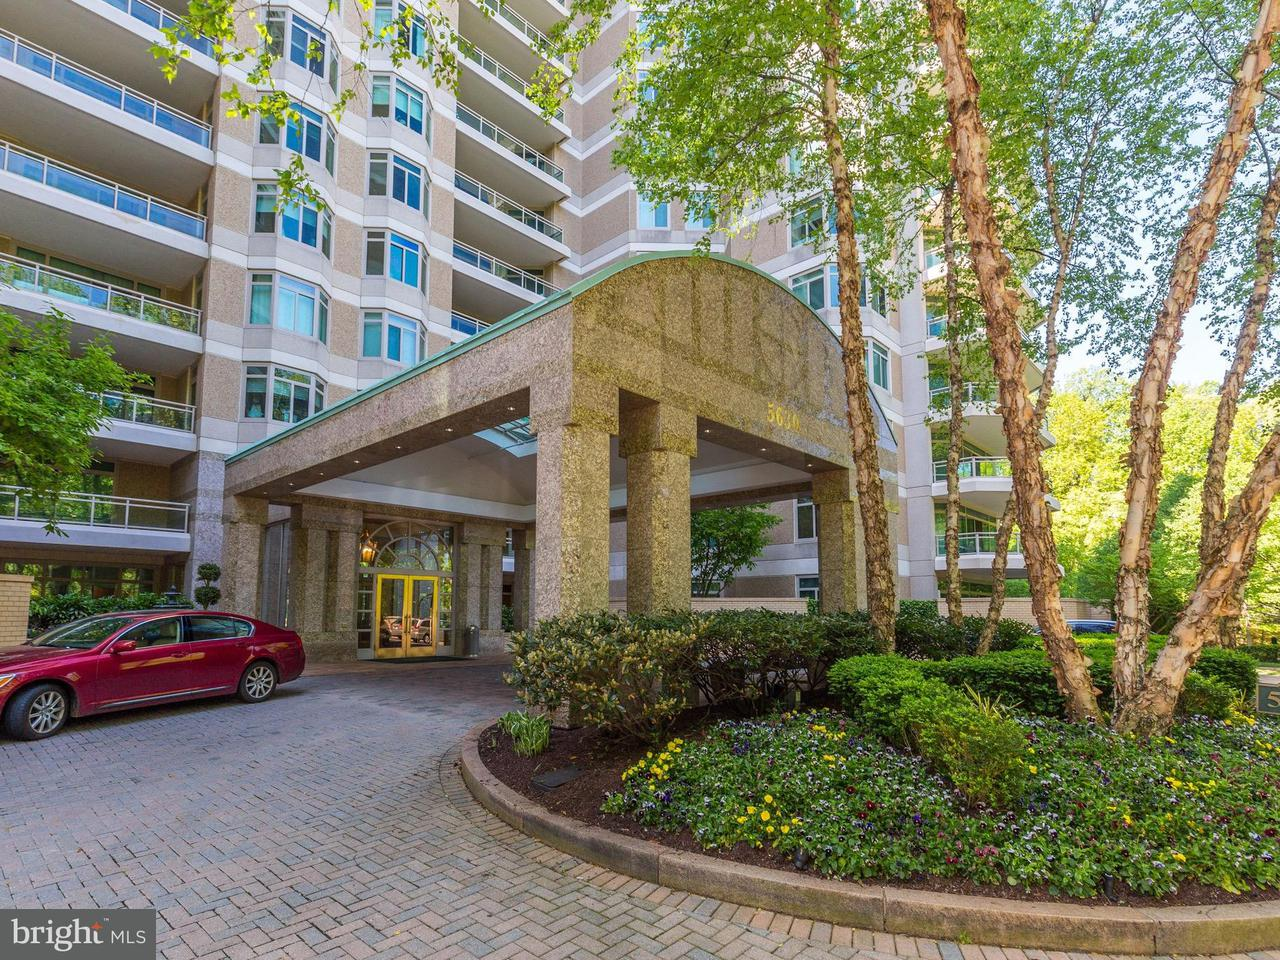 Eigentumswohnung für Verkauf beim 5630 WISCONSIN AVE #1104 5630 WISCONSIN AVE #1104 Chevy Chase, Maryland 20815 Vereinigte Staaten